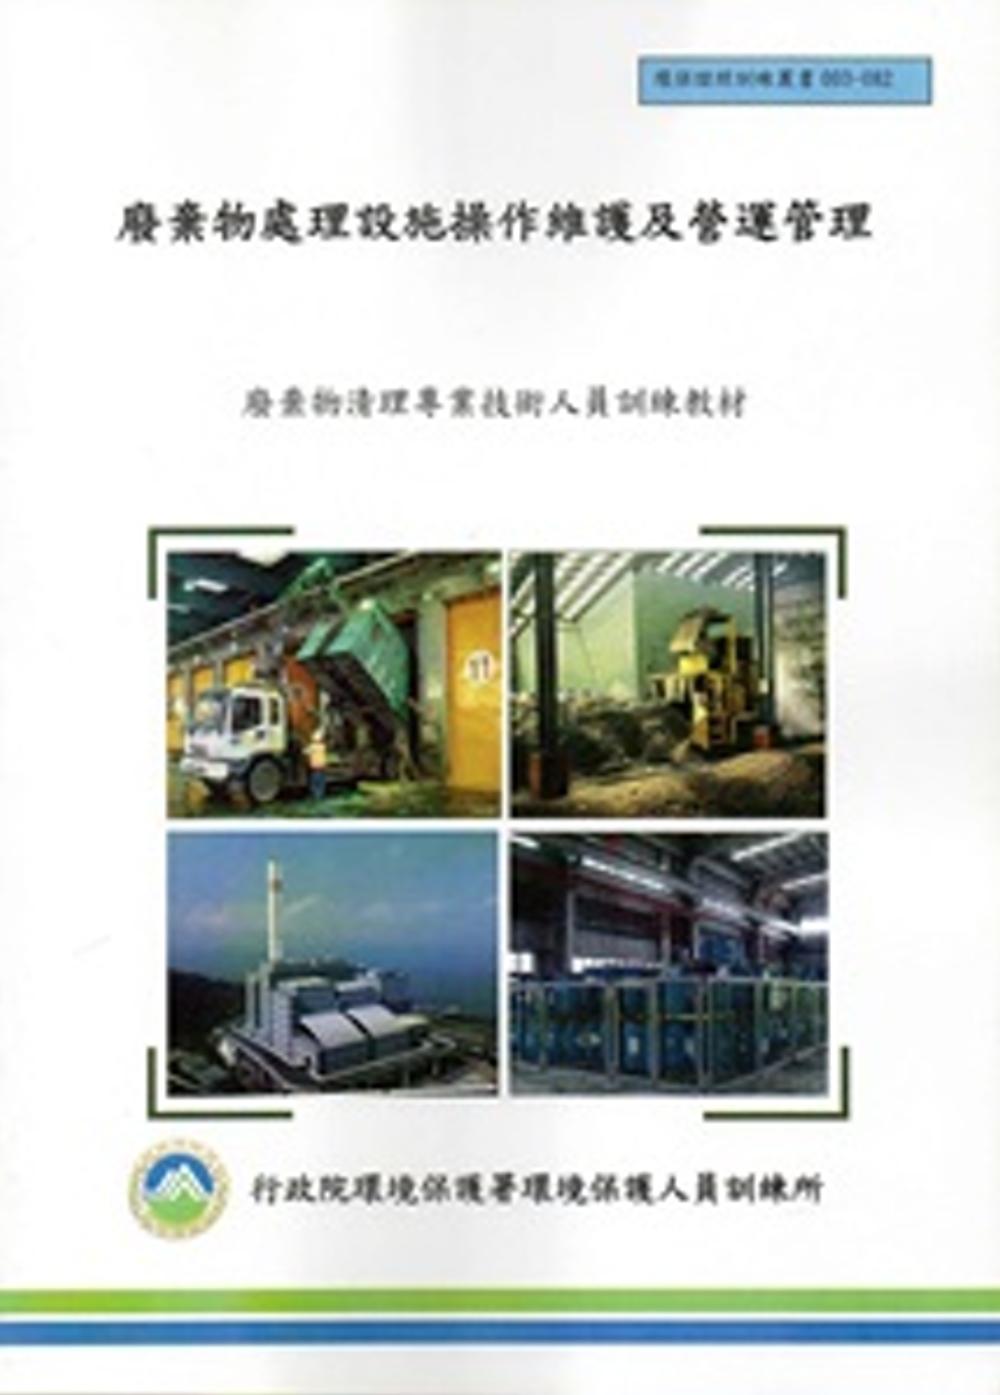 廢棄物處理設施操作維護及營運管理:廢棄物清理 技術人員訓練教材